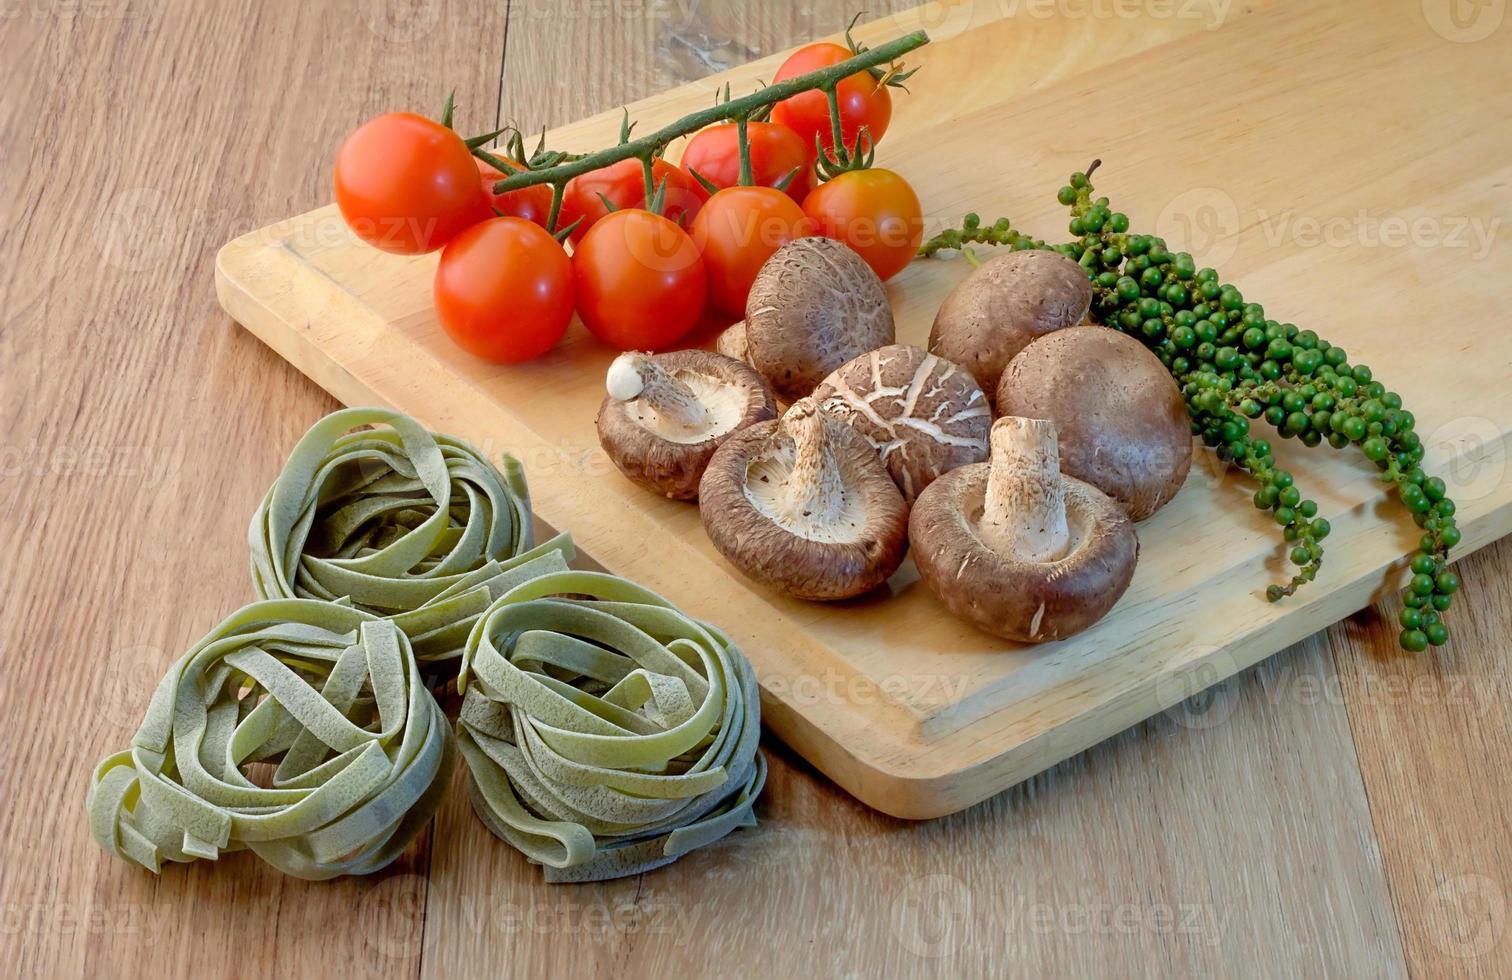 macarrão fresco preparar com saudável ingrediente.jpg foto